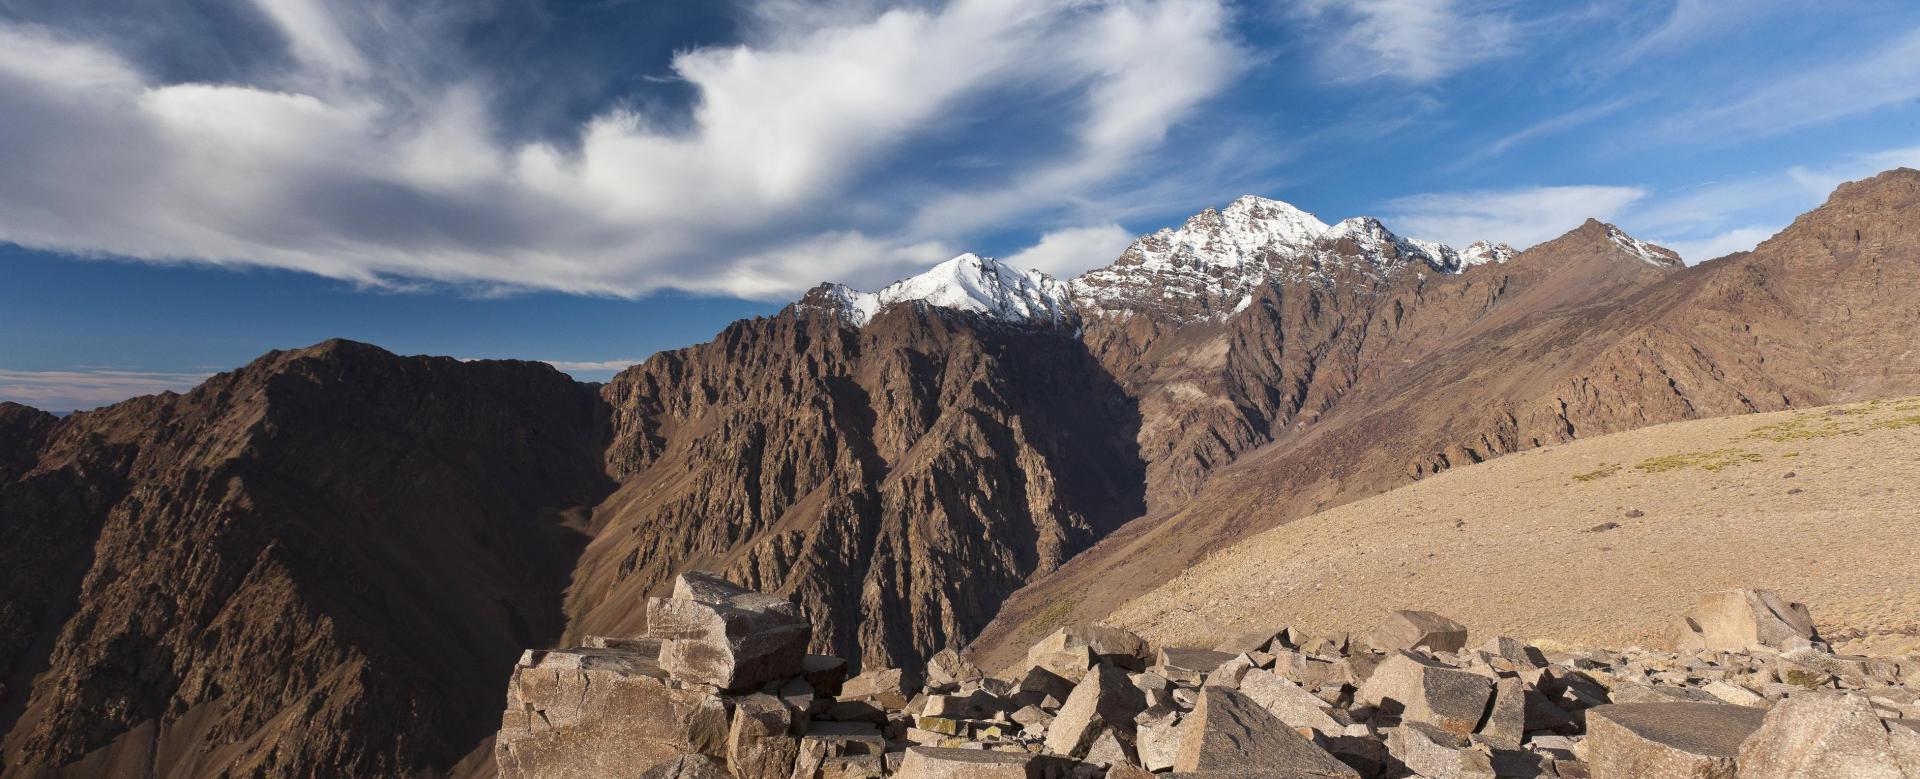 Voyage à pied Maroc : Objectif toubkal 8 jours